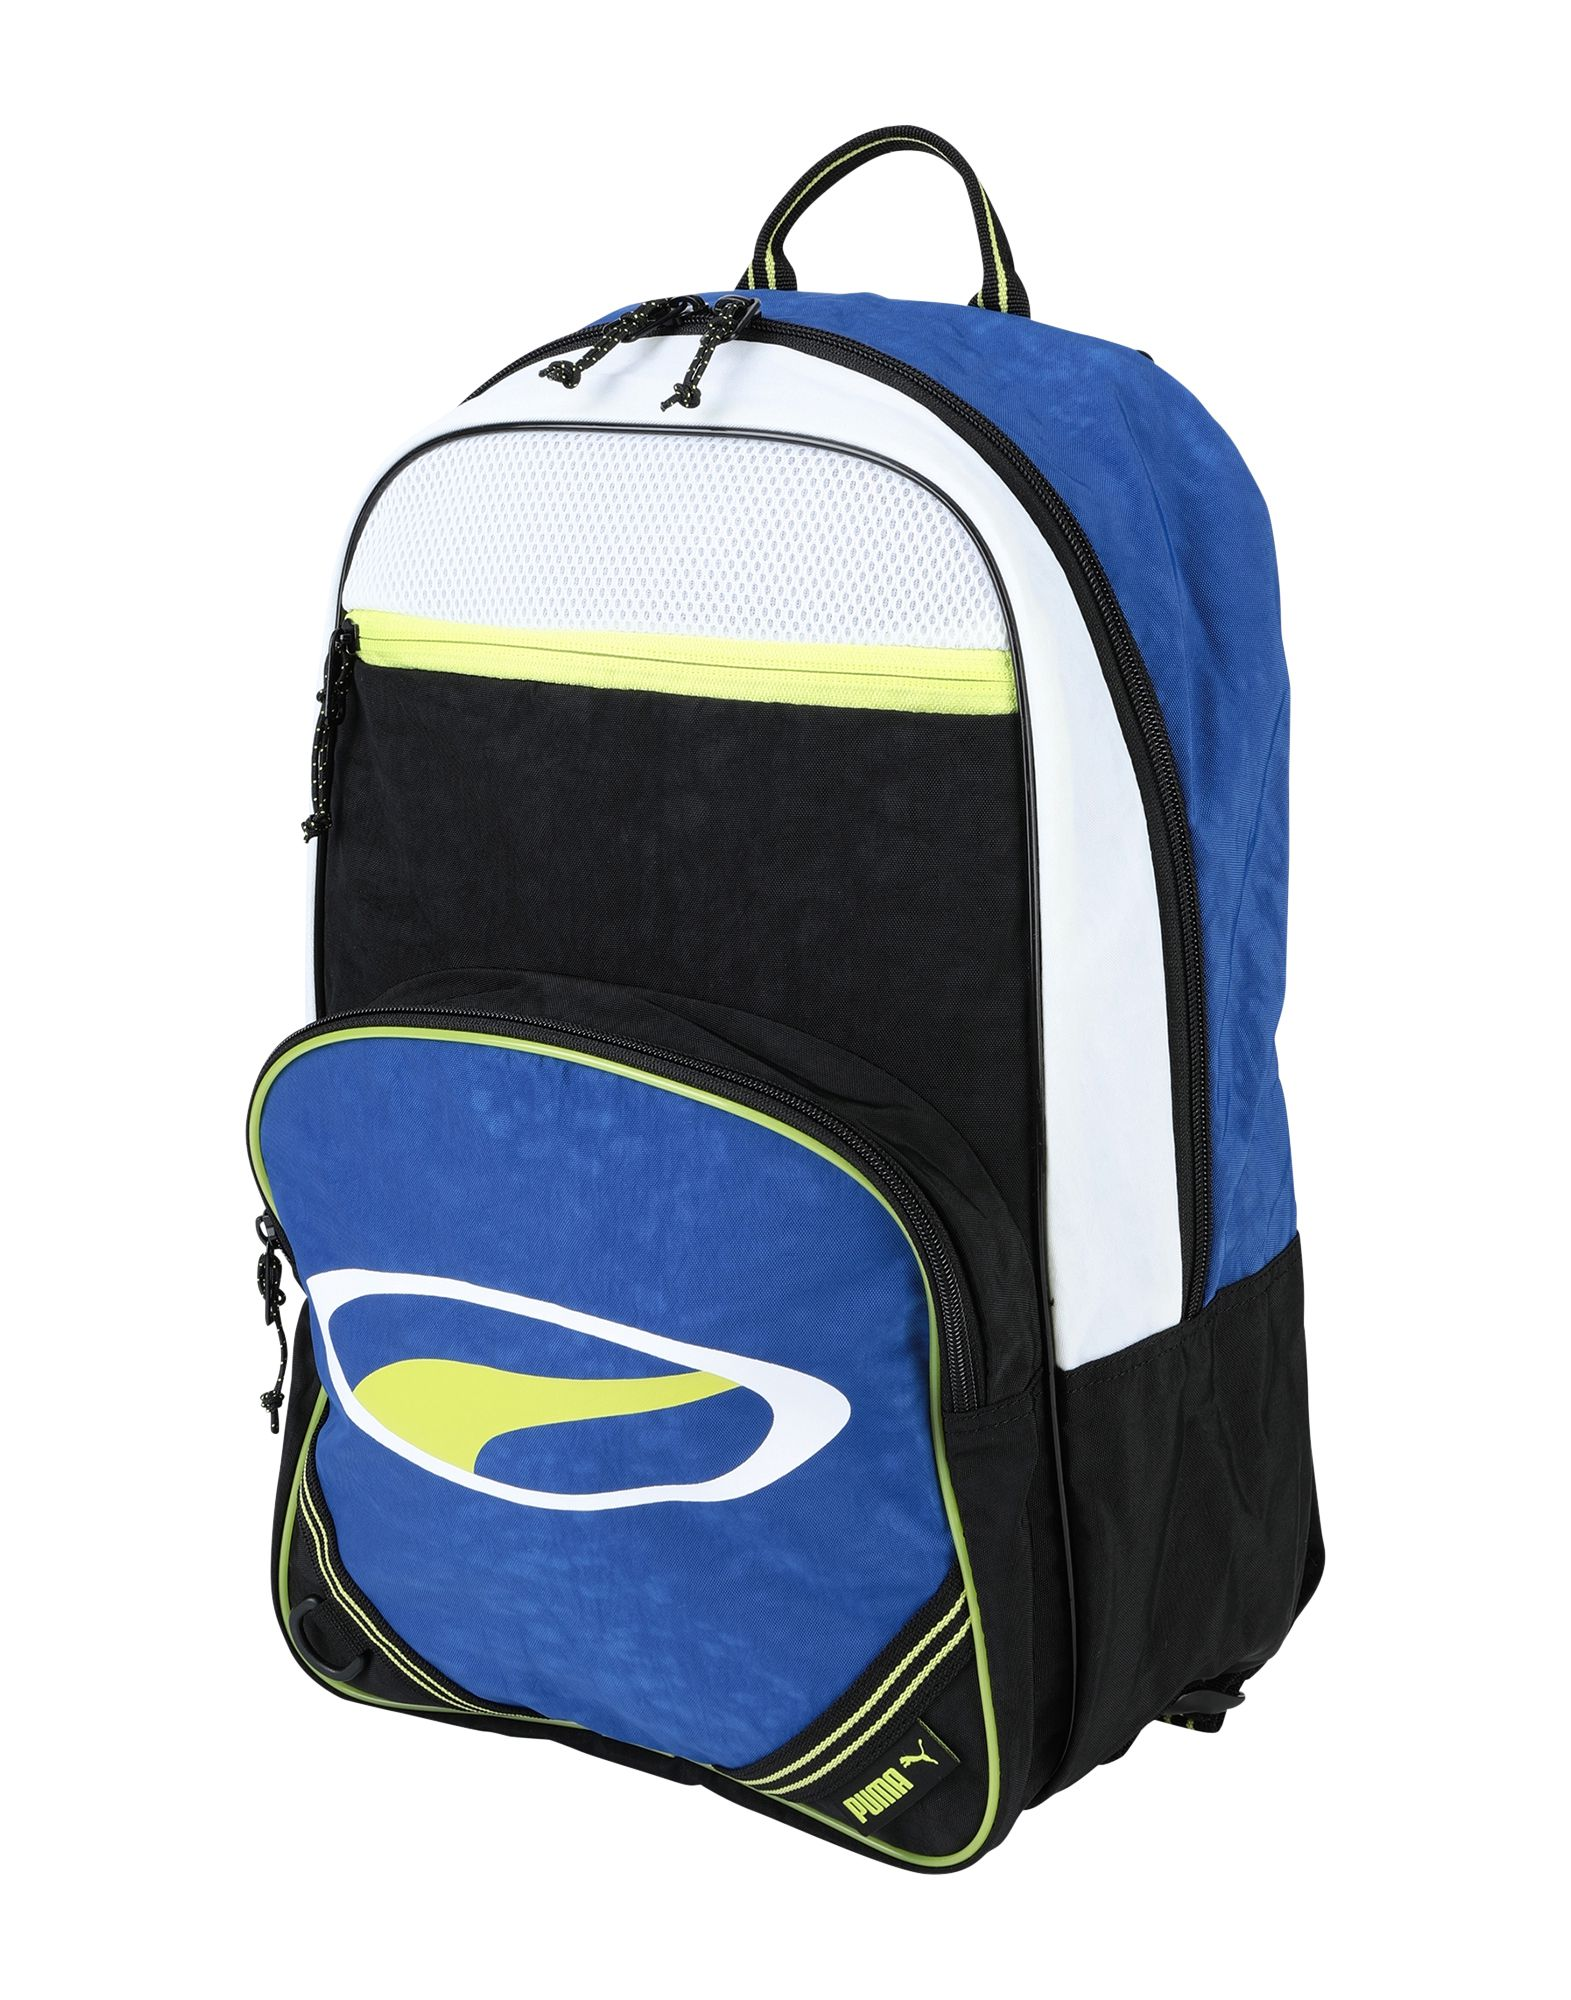 《セール開催中》PUMA Unisex バックパック&ヒップバッグ ブラック ナイロン 84% / ポリエステル 16% Cell Backpack Surf The Web